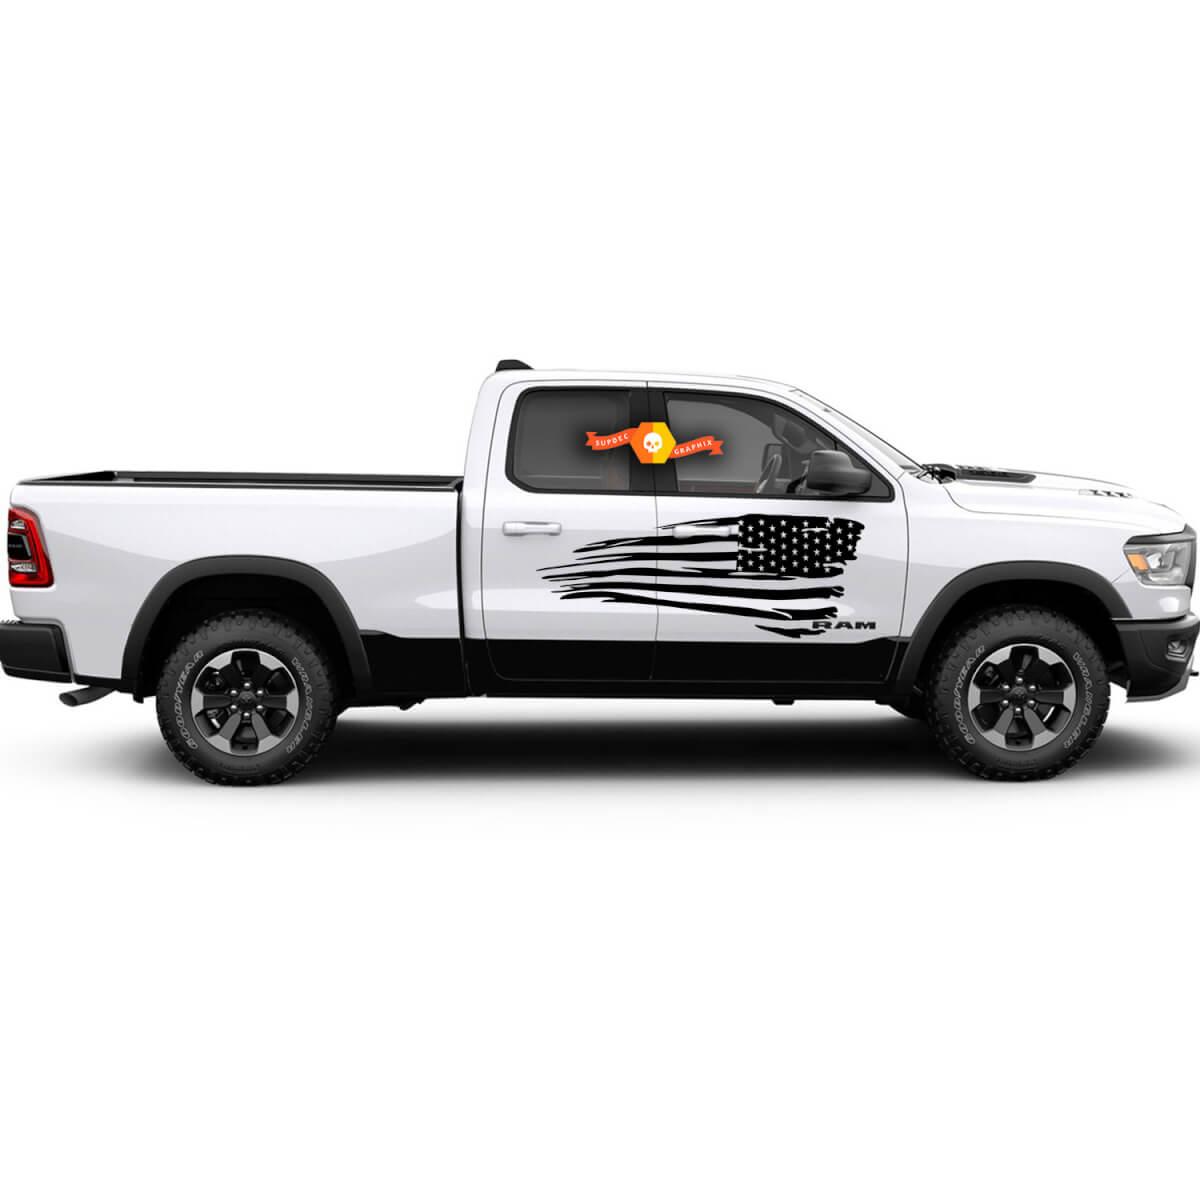 Distressed Flag Graphic Decal Seitenkörper Für jeden Truck Dodge Ram American USA D1